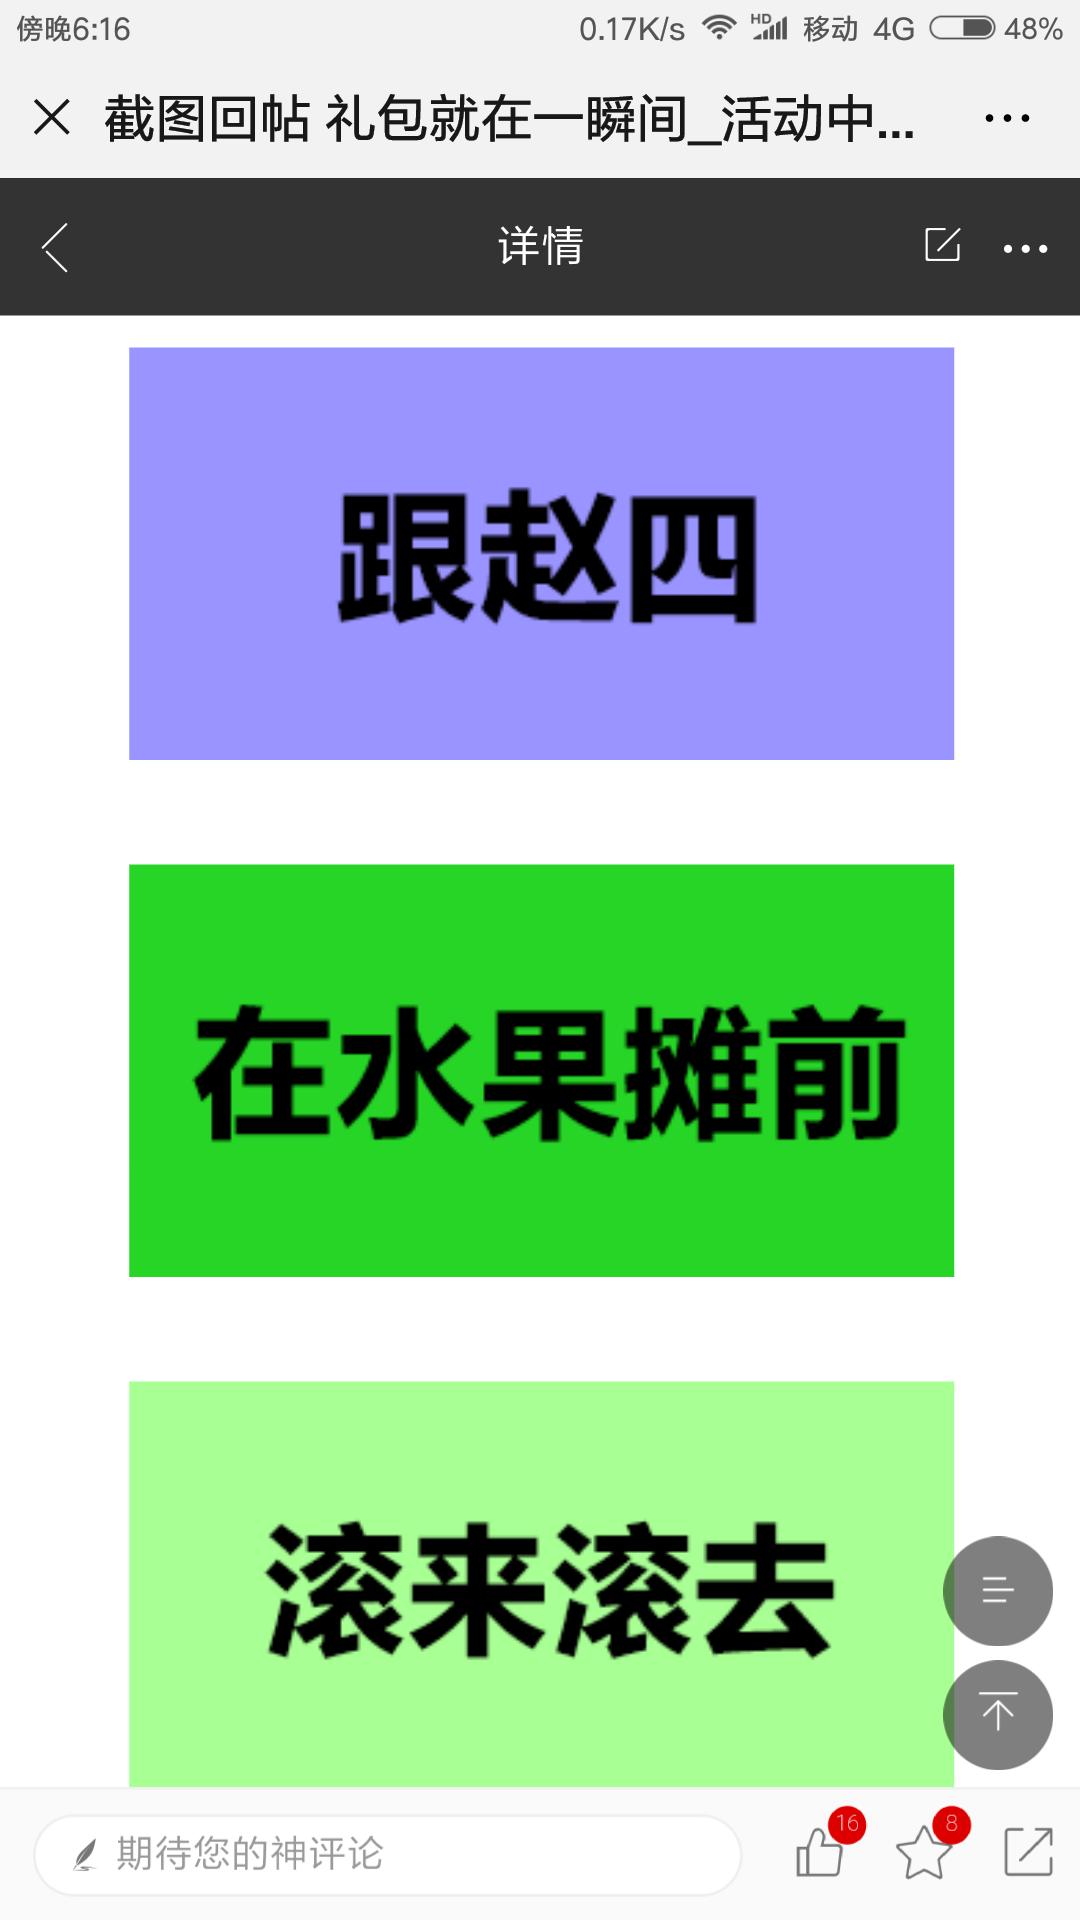 Screenshot_2019-07-25-18-16-49-329_com.tencent.mm.png